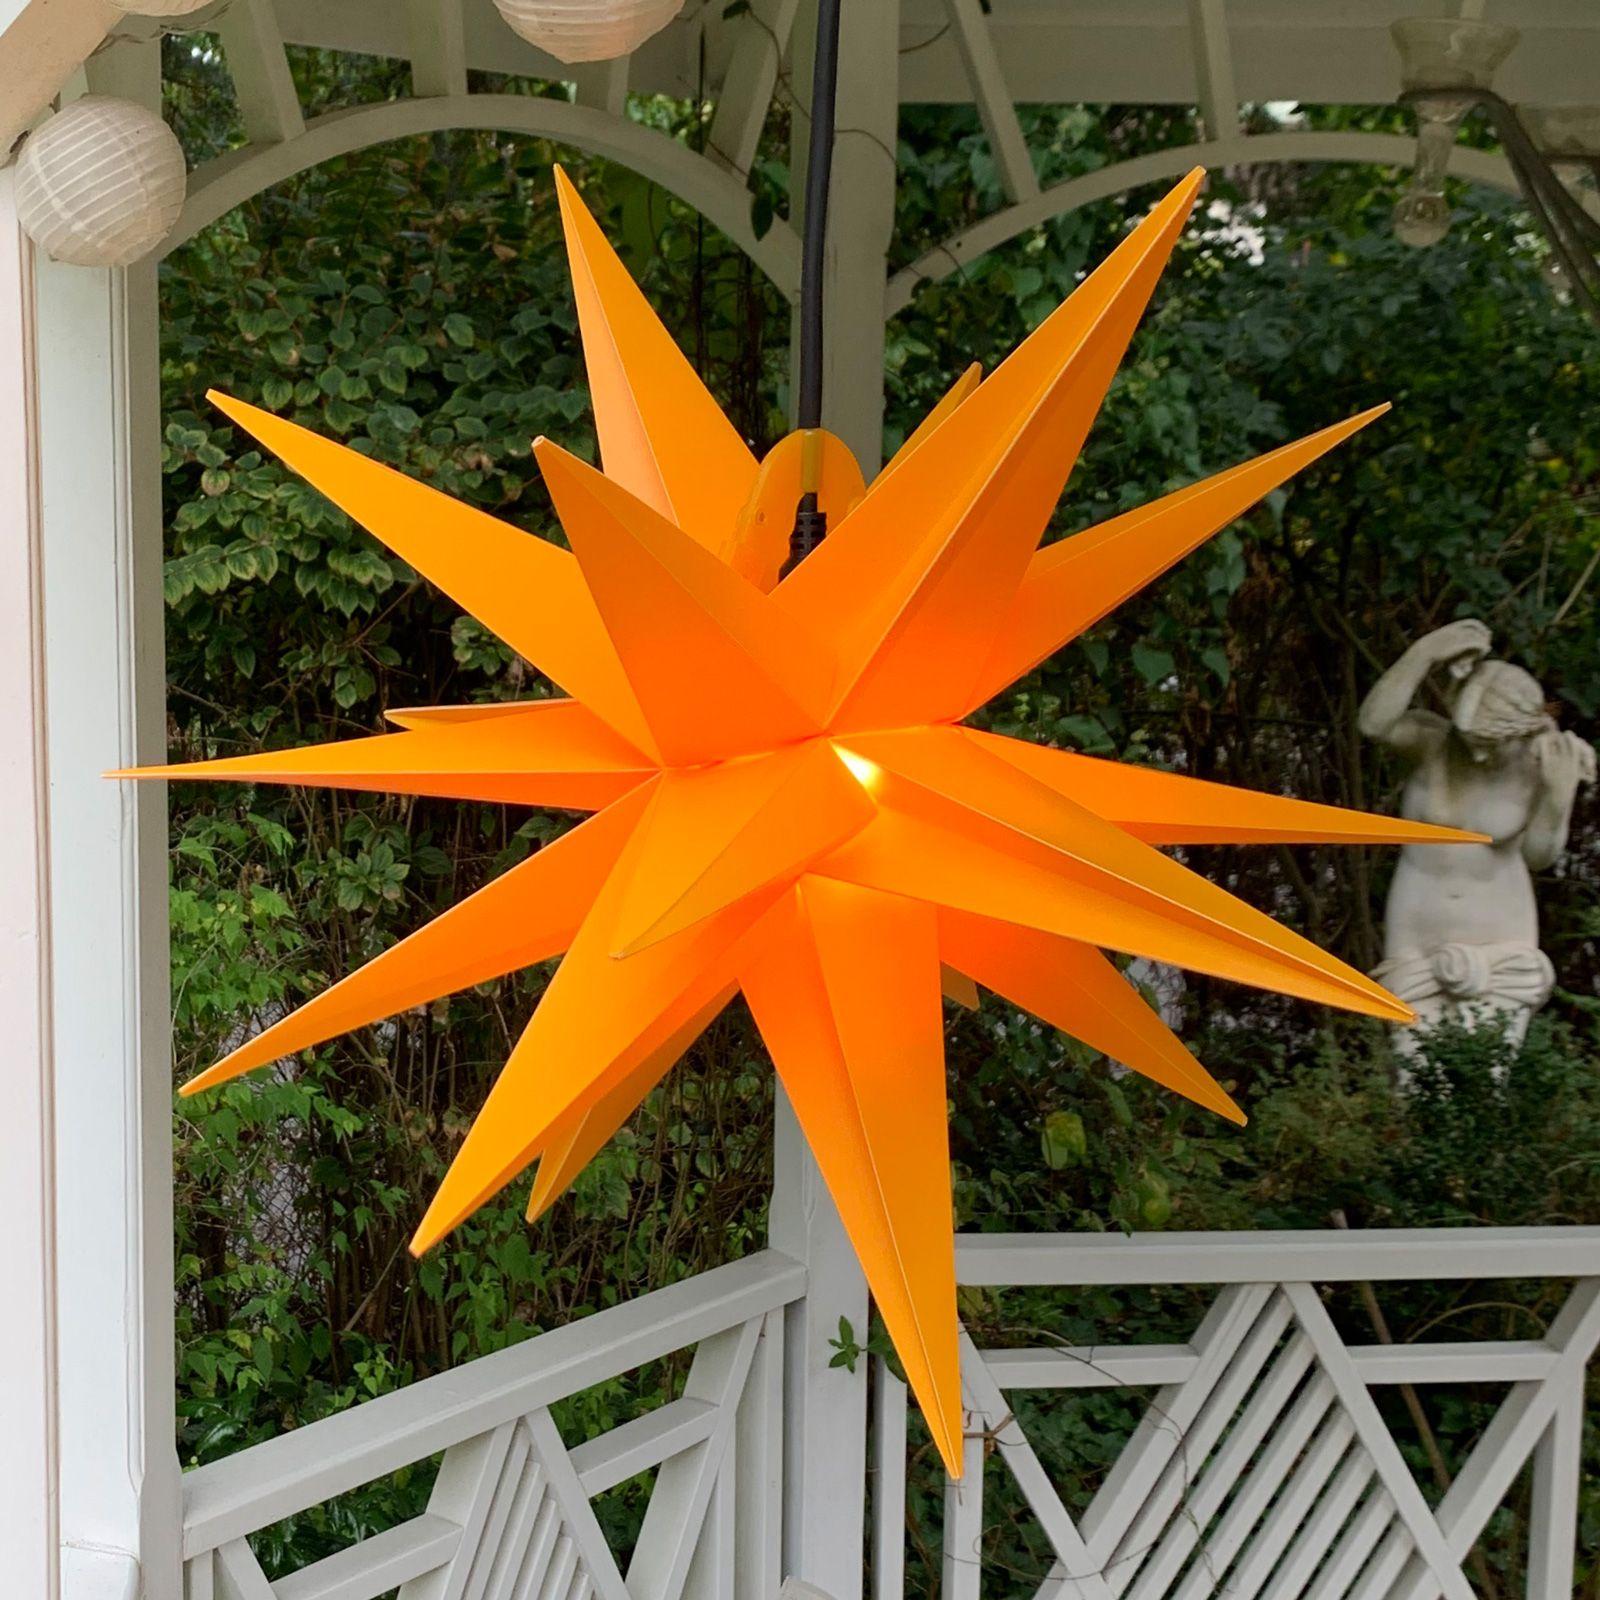 Gwiazda dekoracyjna zewnętrzna, 18-ramion, Ø 40 cm